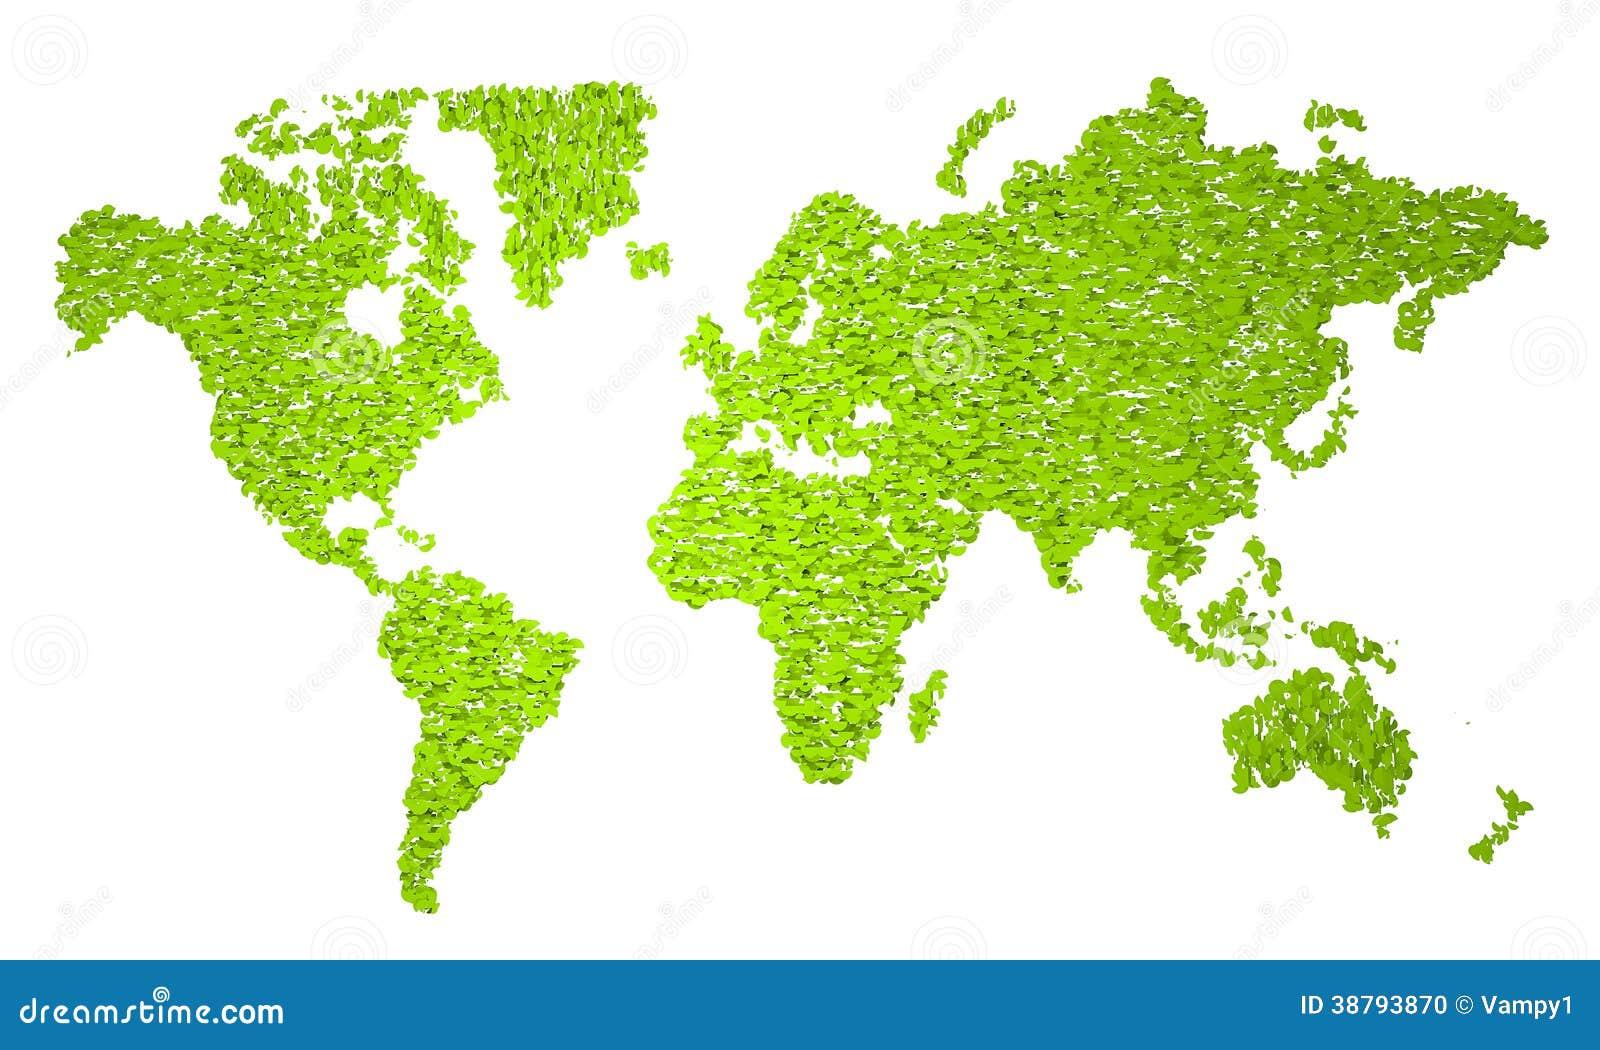 mappa di mondo  mappa stilizzata  semicerchi verdi